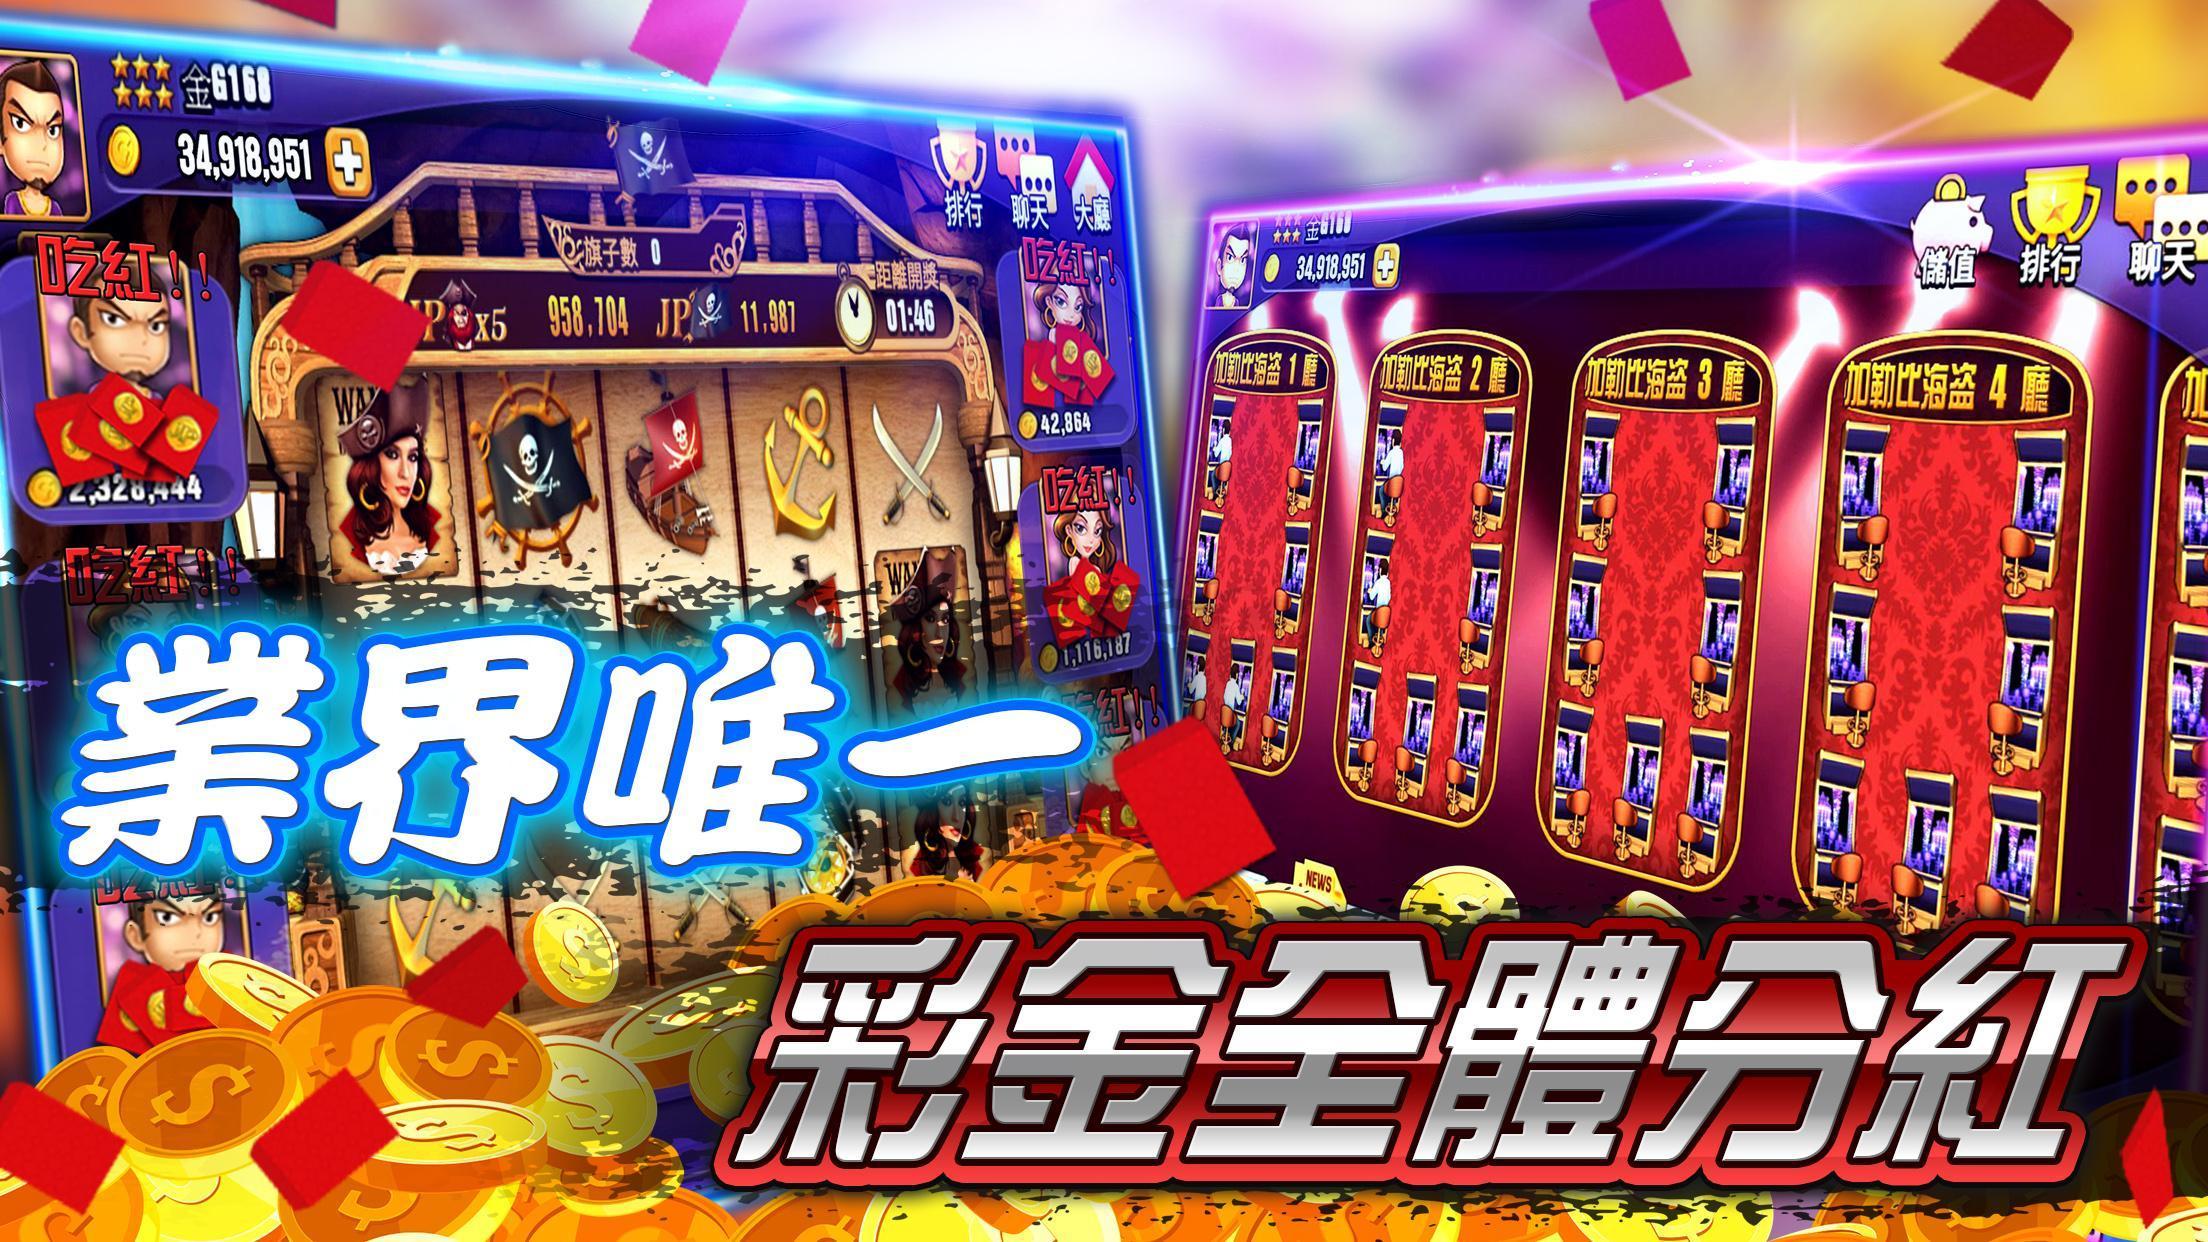 金G168 Casino -老虎機,7PK撲克,小瑪莉,骰寶 1.1.23 Screenshot 1